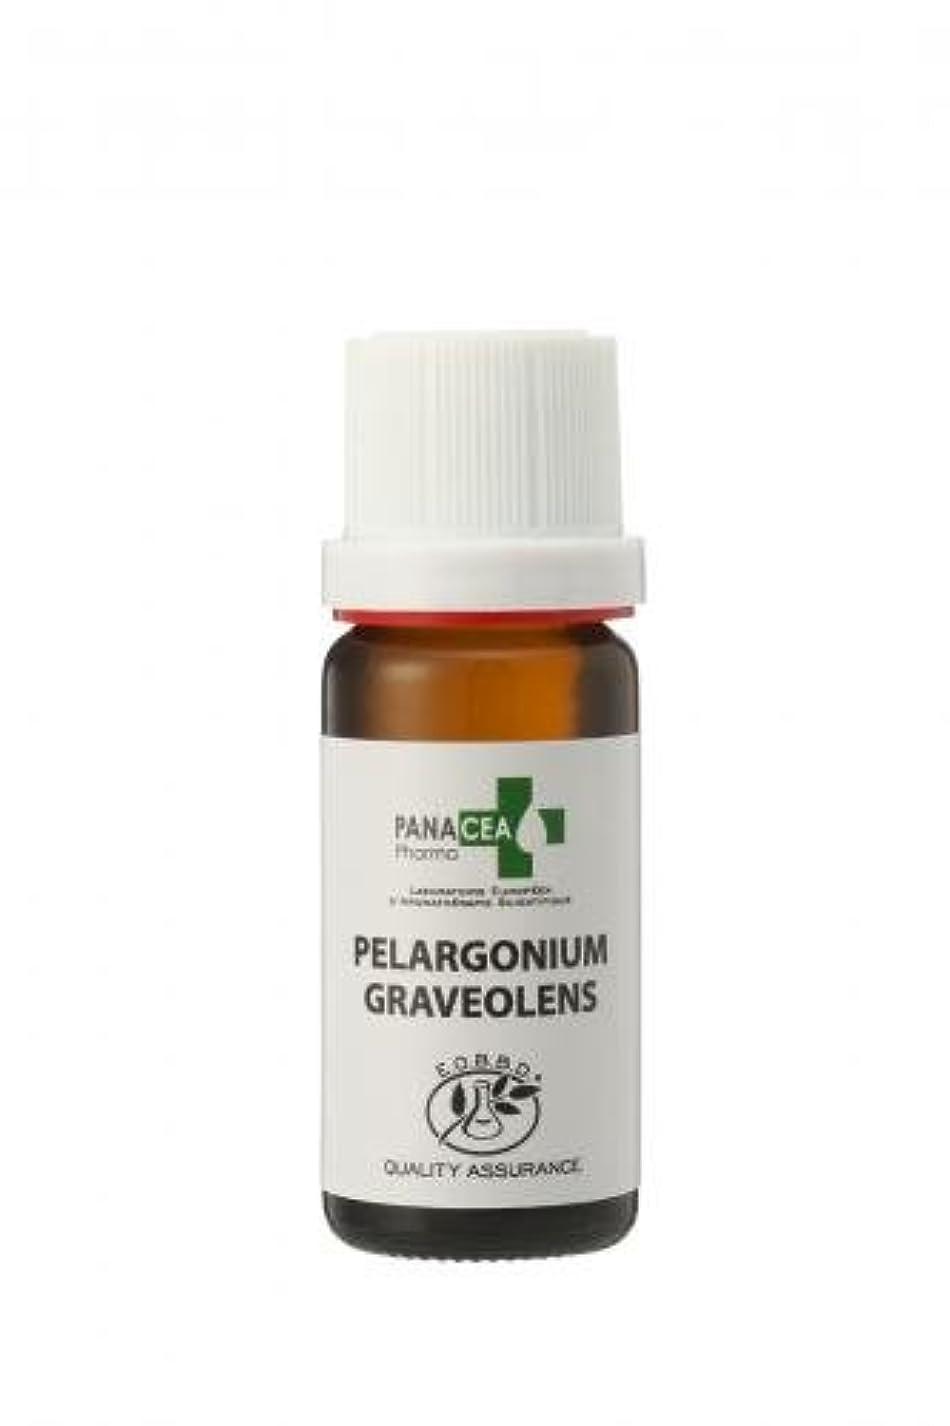 降伏該当するメディアゼラニウム エジプト (Pelargonium graveolens) エッセンシャルオイル PANACEA PHARMA パナセア ファルマ